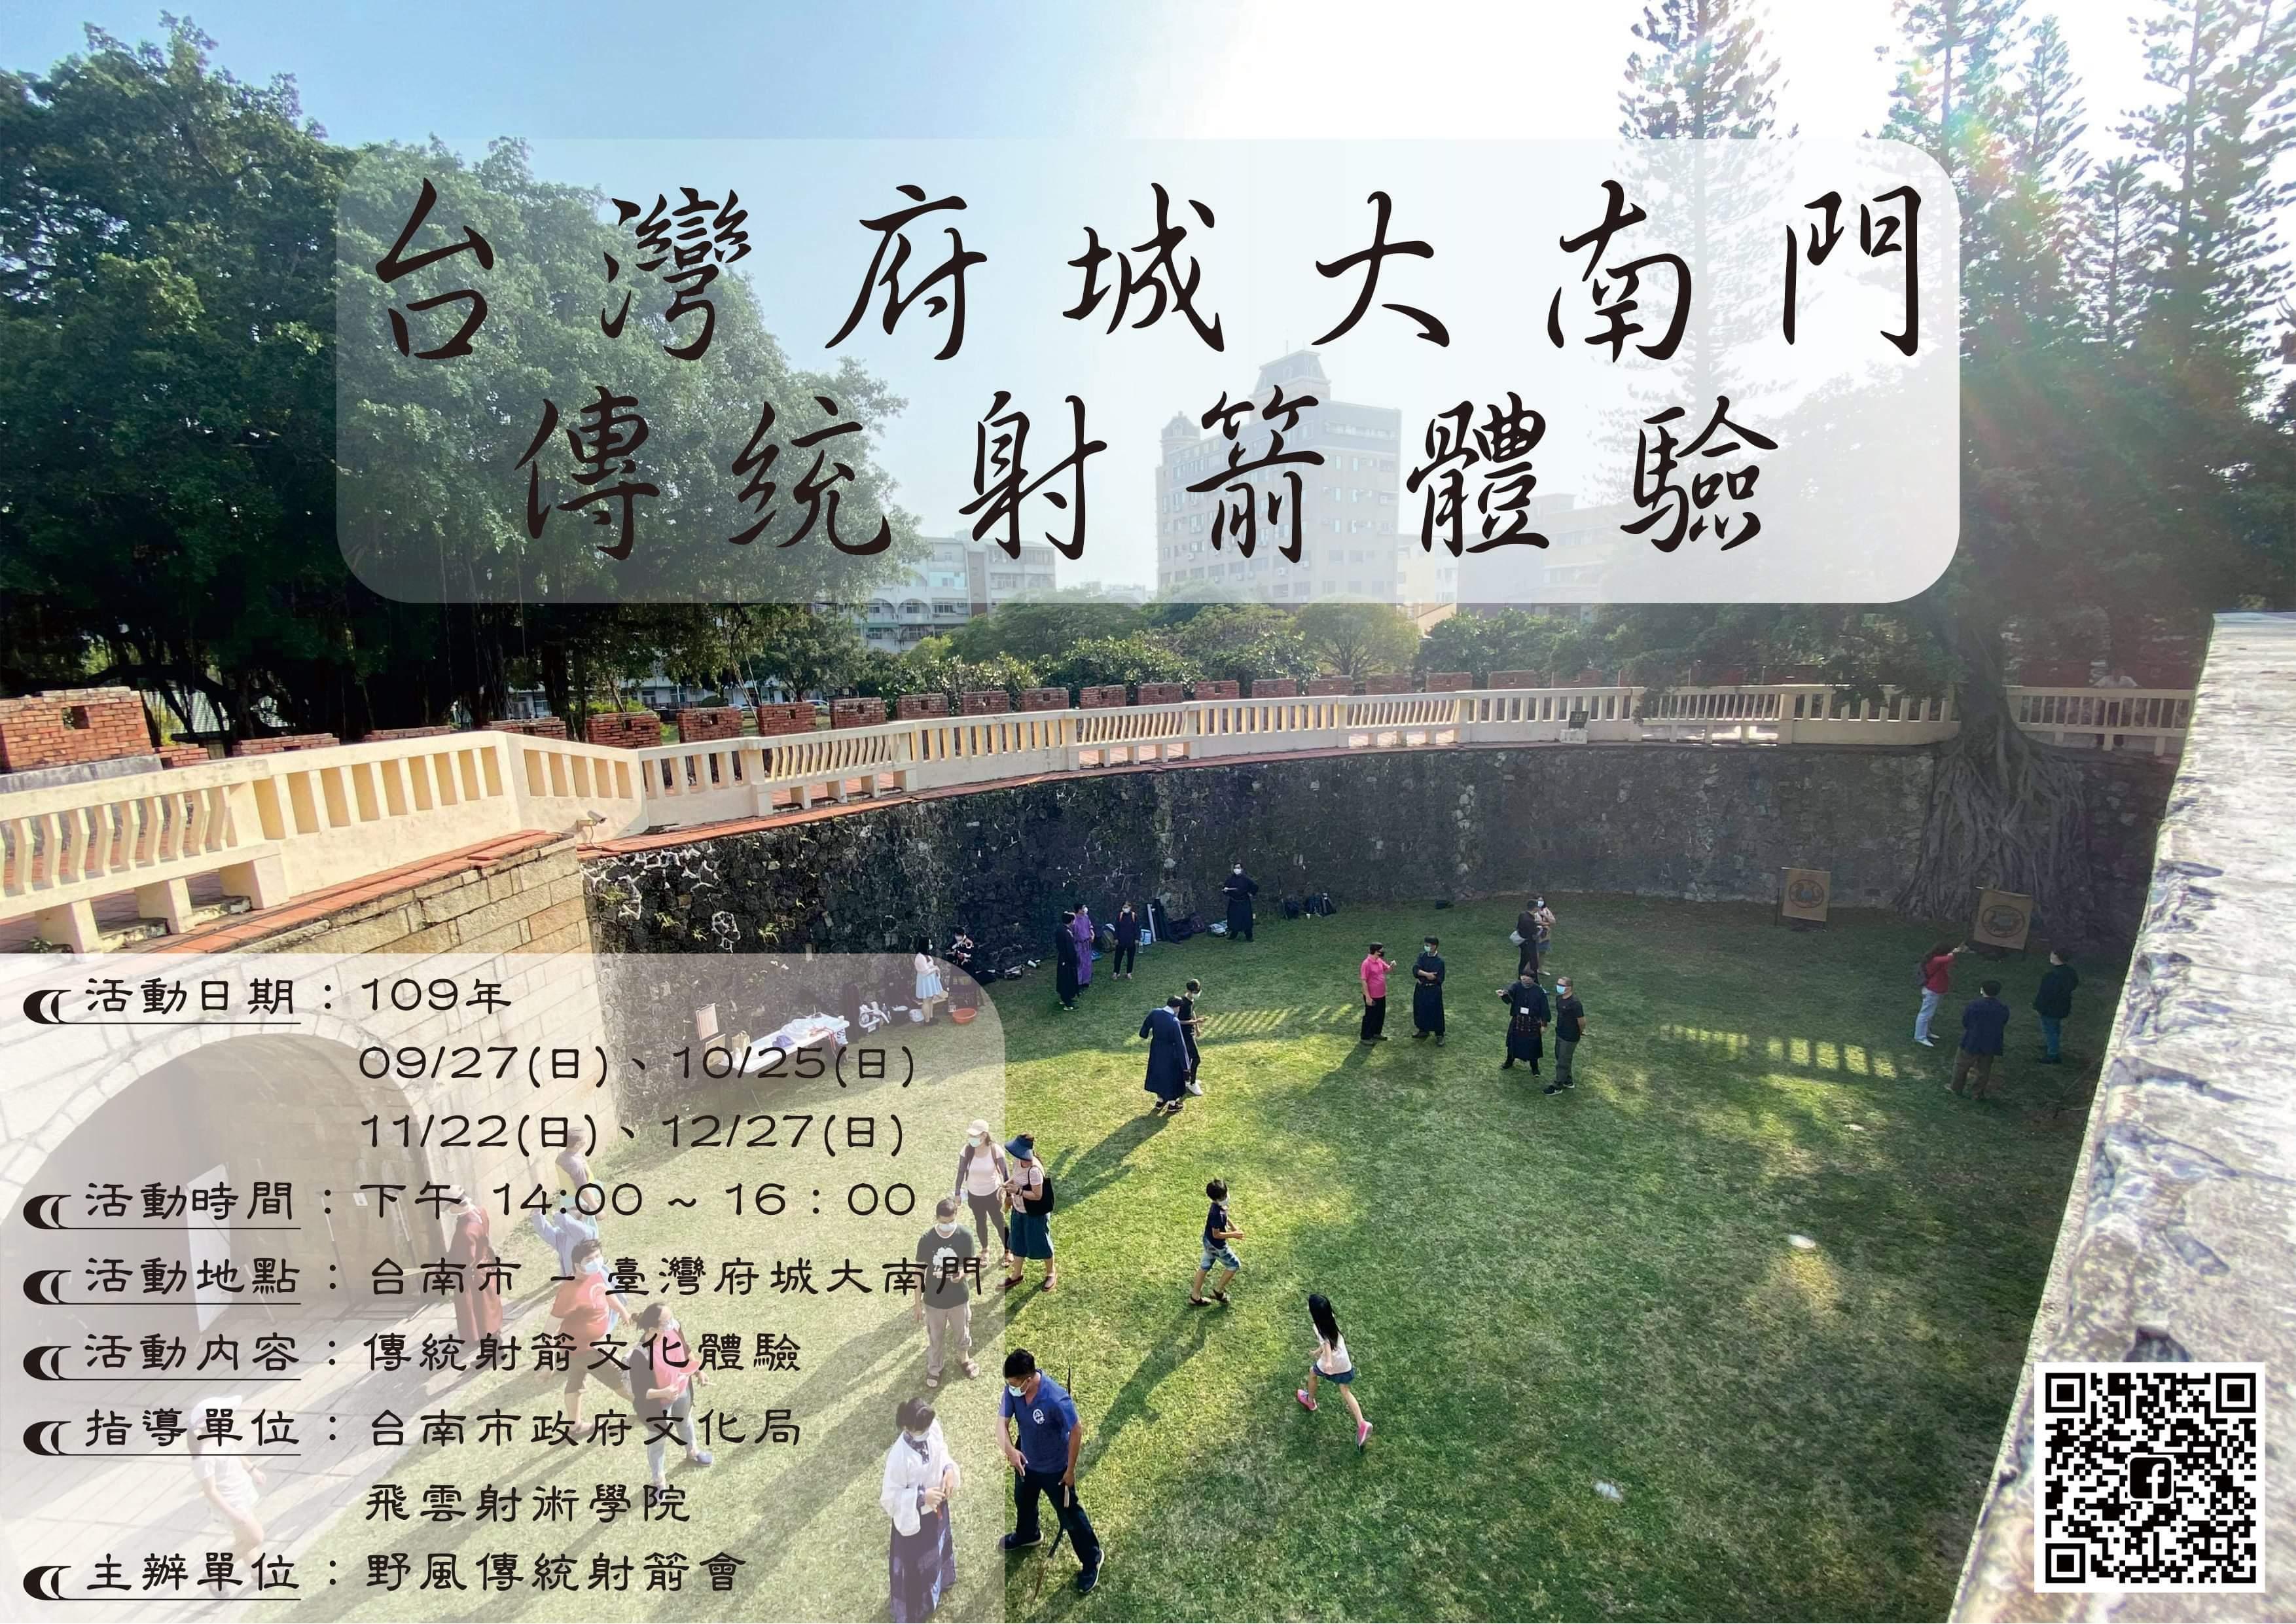 大南門城傳統射箭體驗推廣(免費活動)